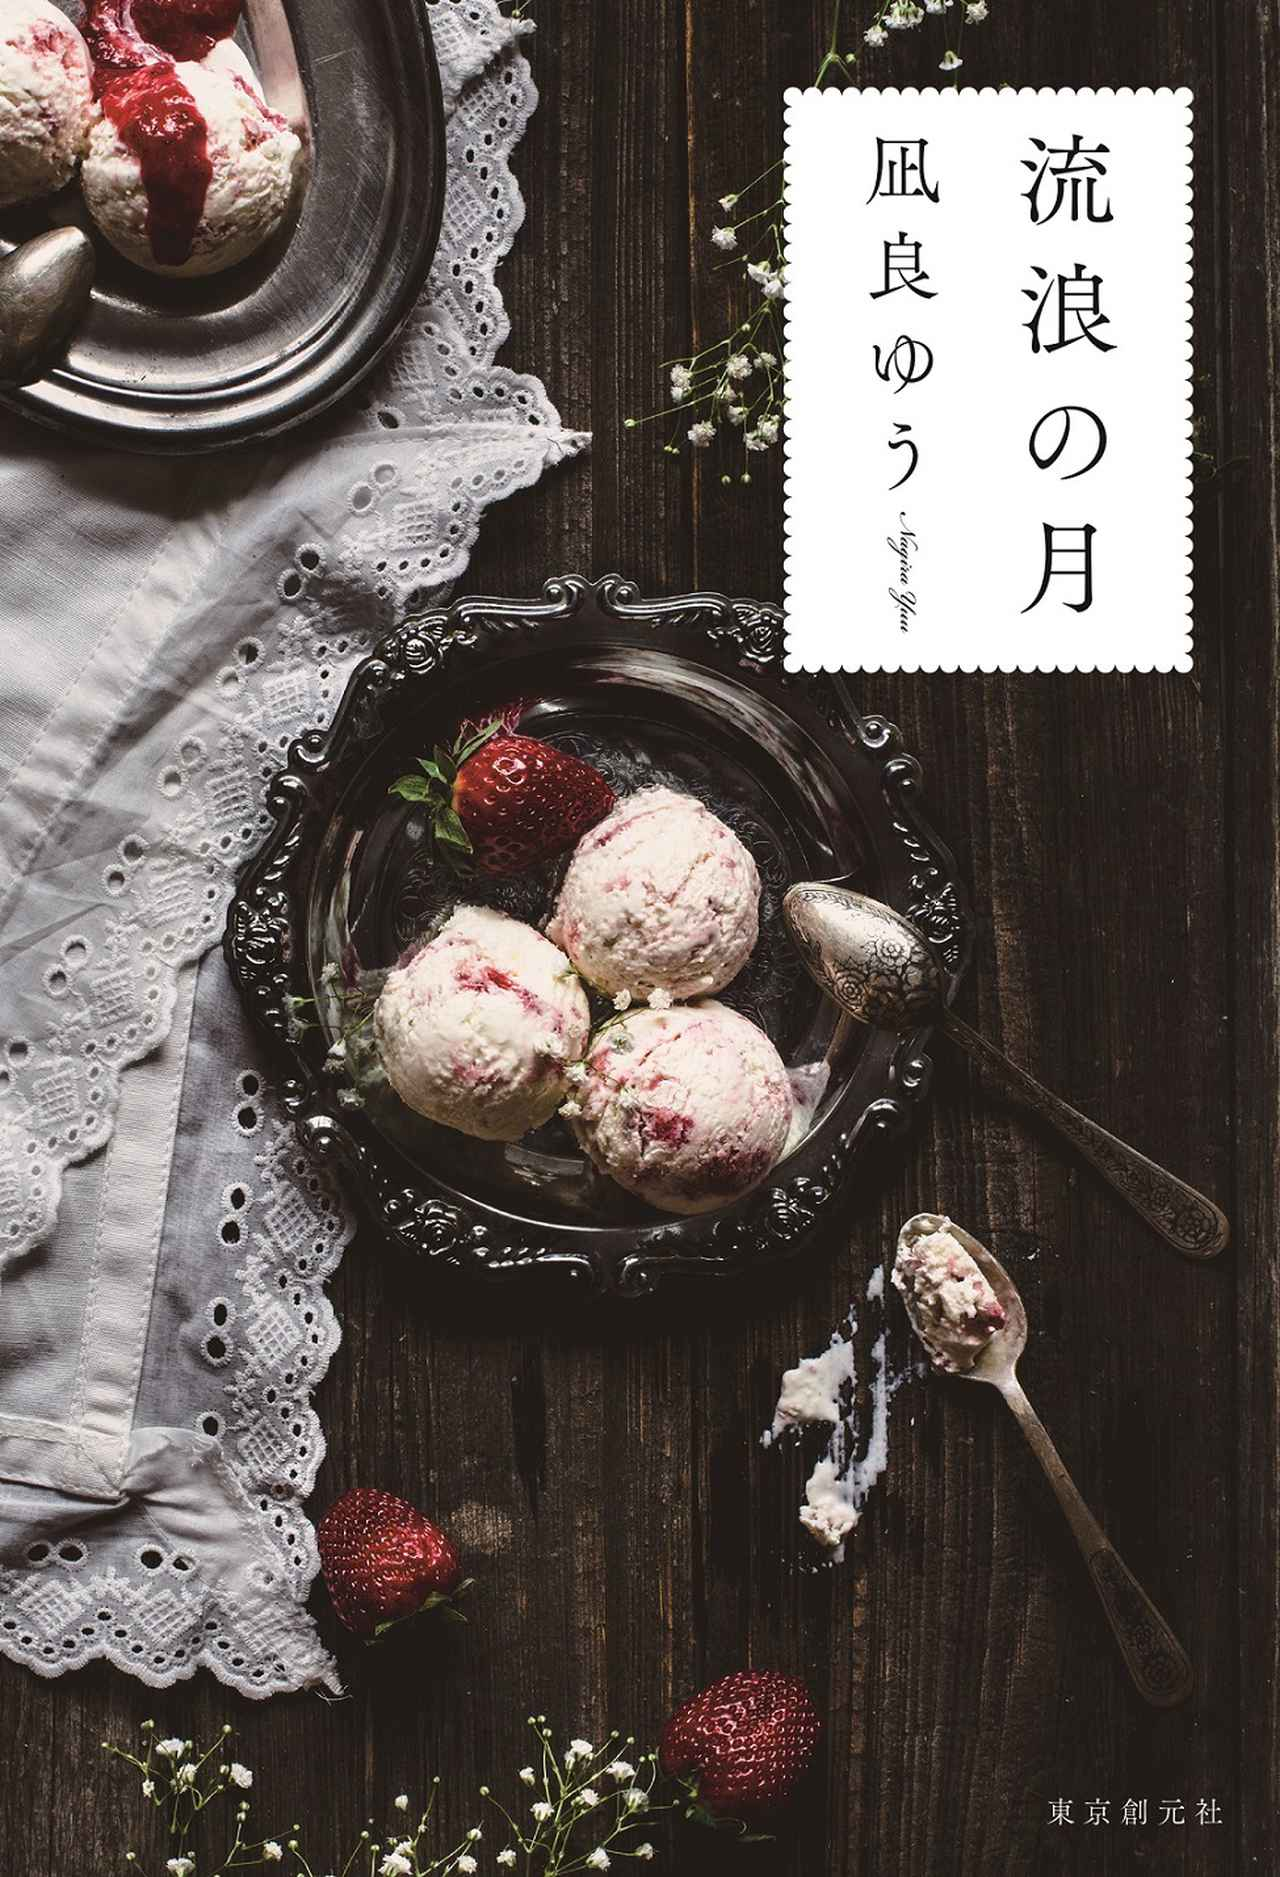 画像: 本屋大賞受賞のベストセラー小説の映画化『流浪の月』に横浜流星出演決定